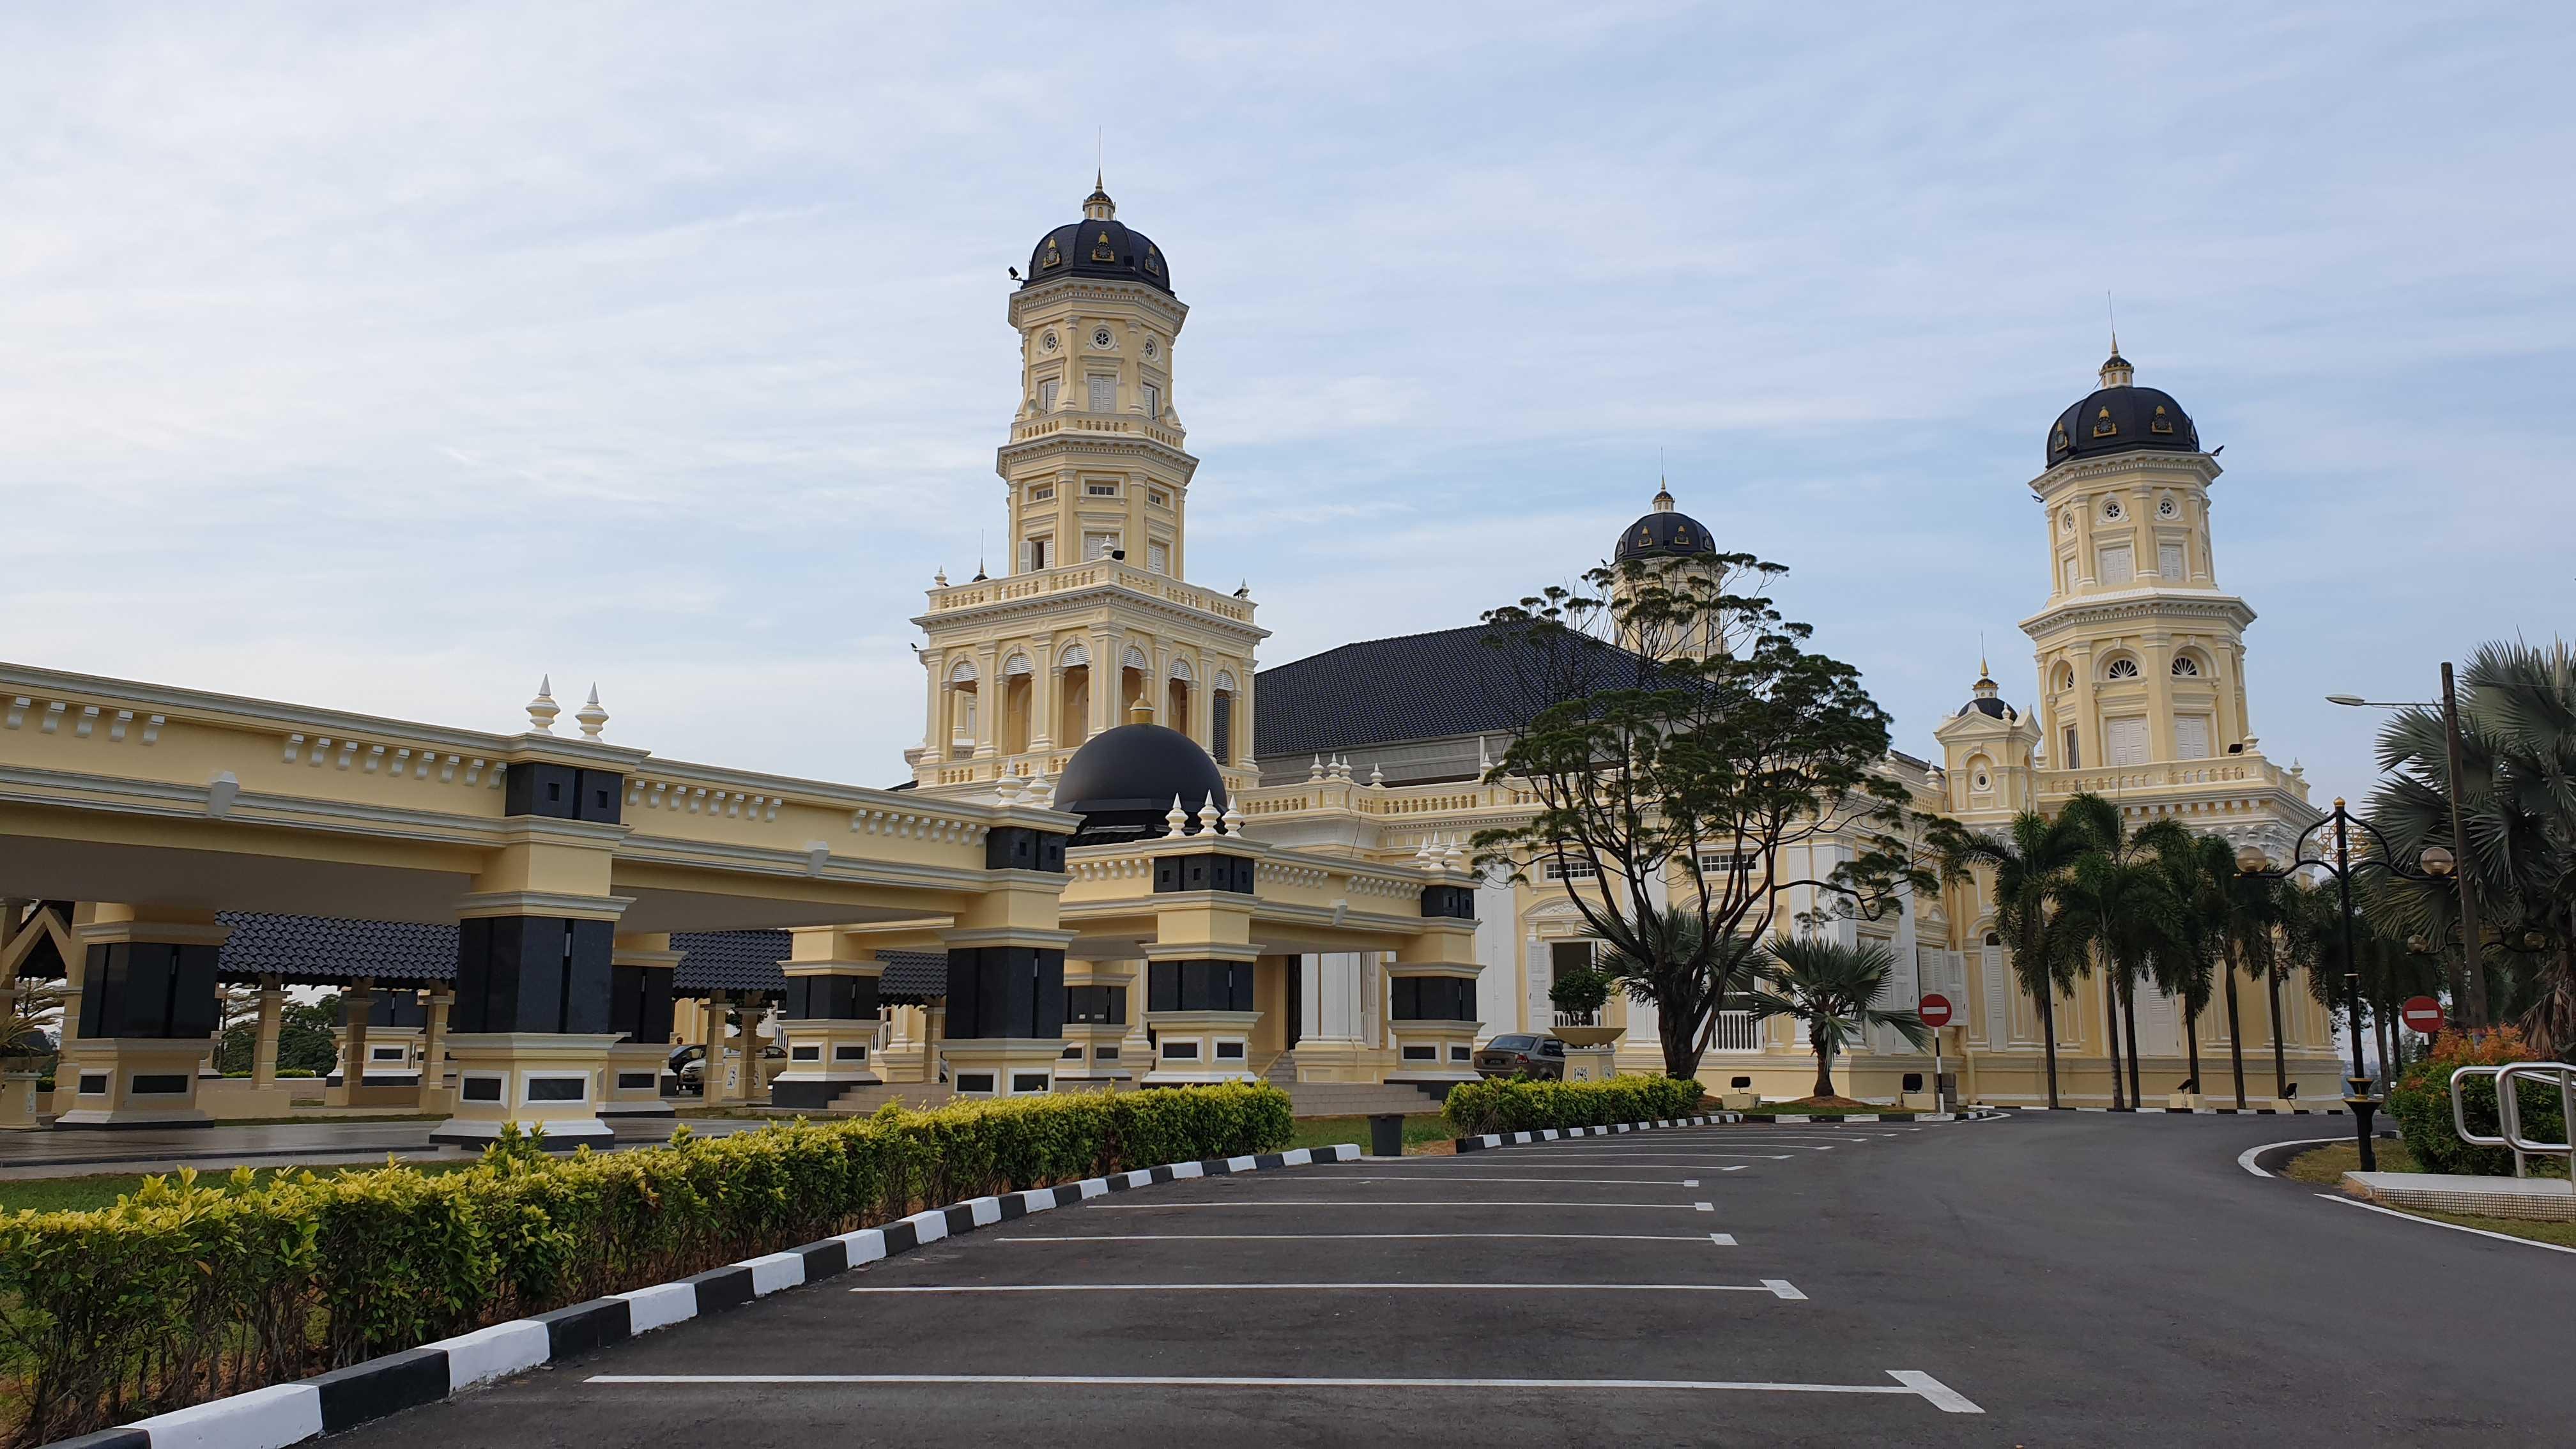 Sultan Abu Bakar Mosque Johor Bahru